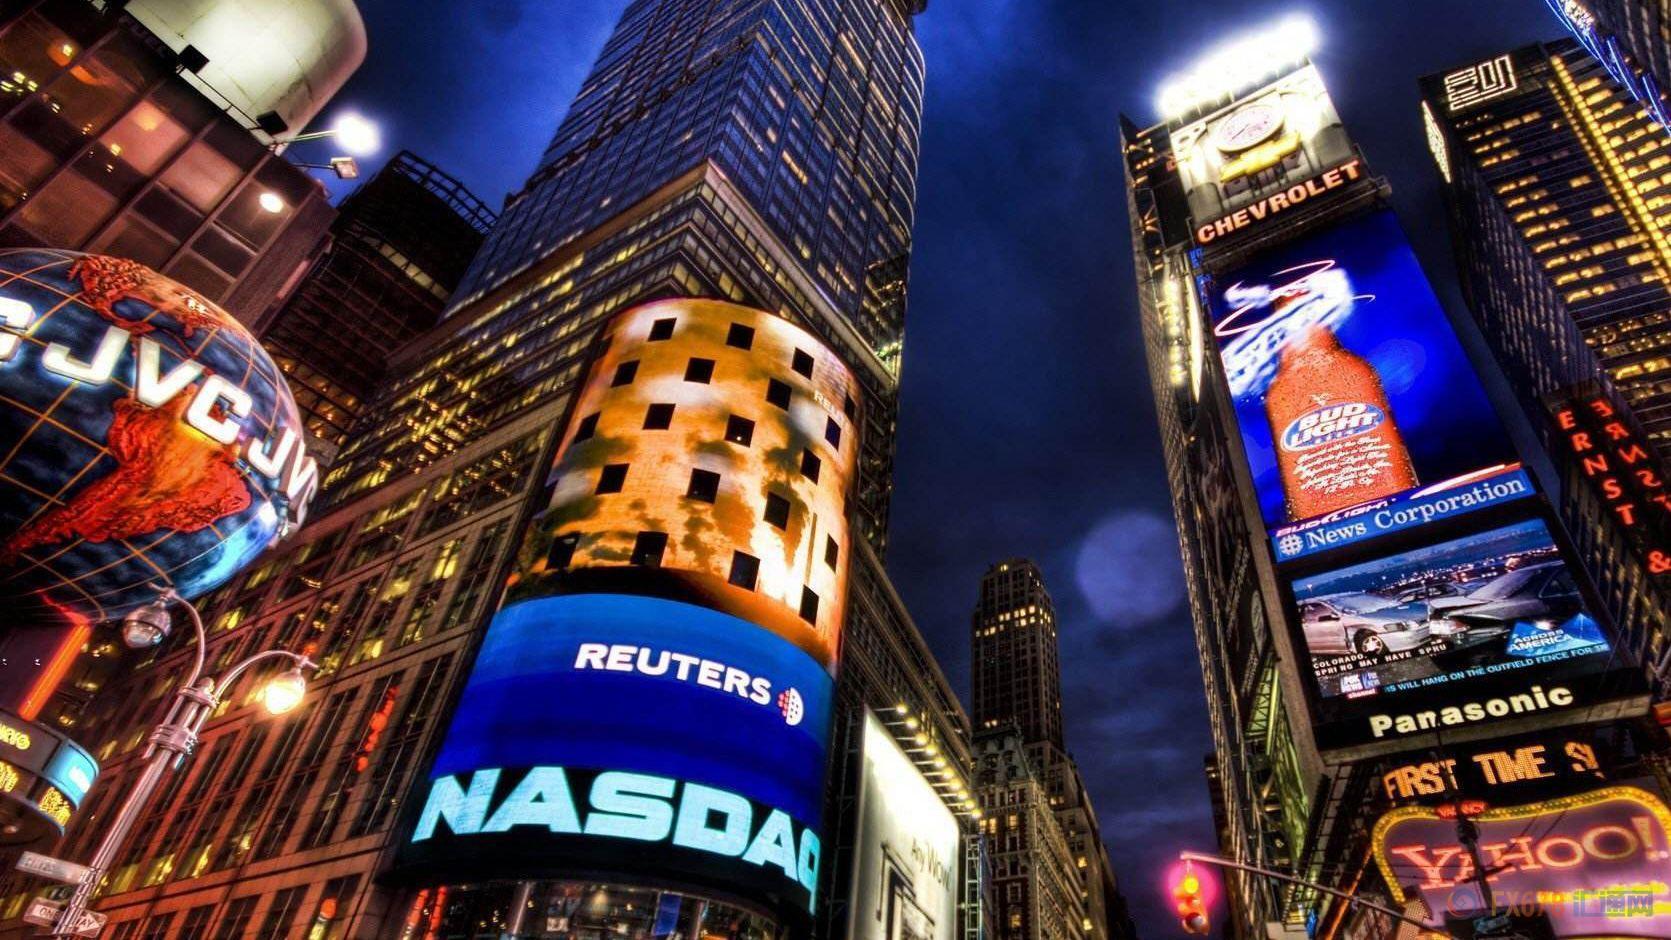 美股收评:华尔街三大股指收跌,小盘股依然强势